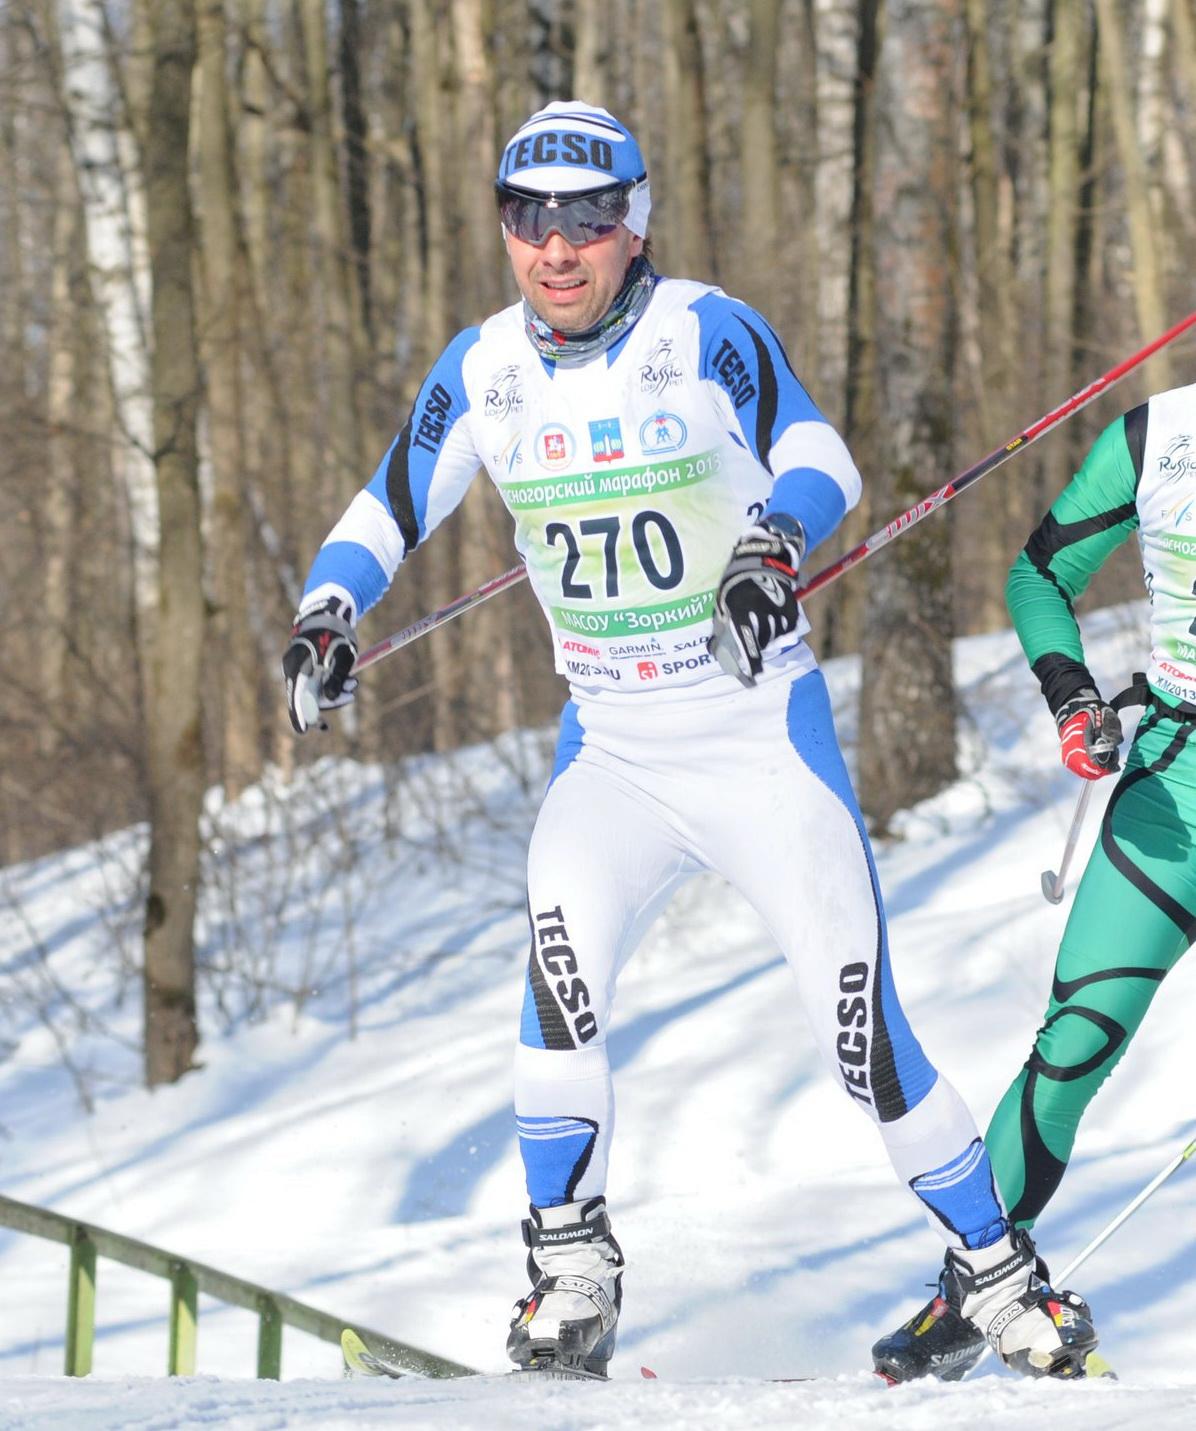 Лыжный гоночный комбинезон TECSO